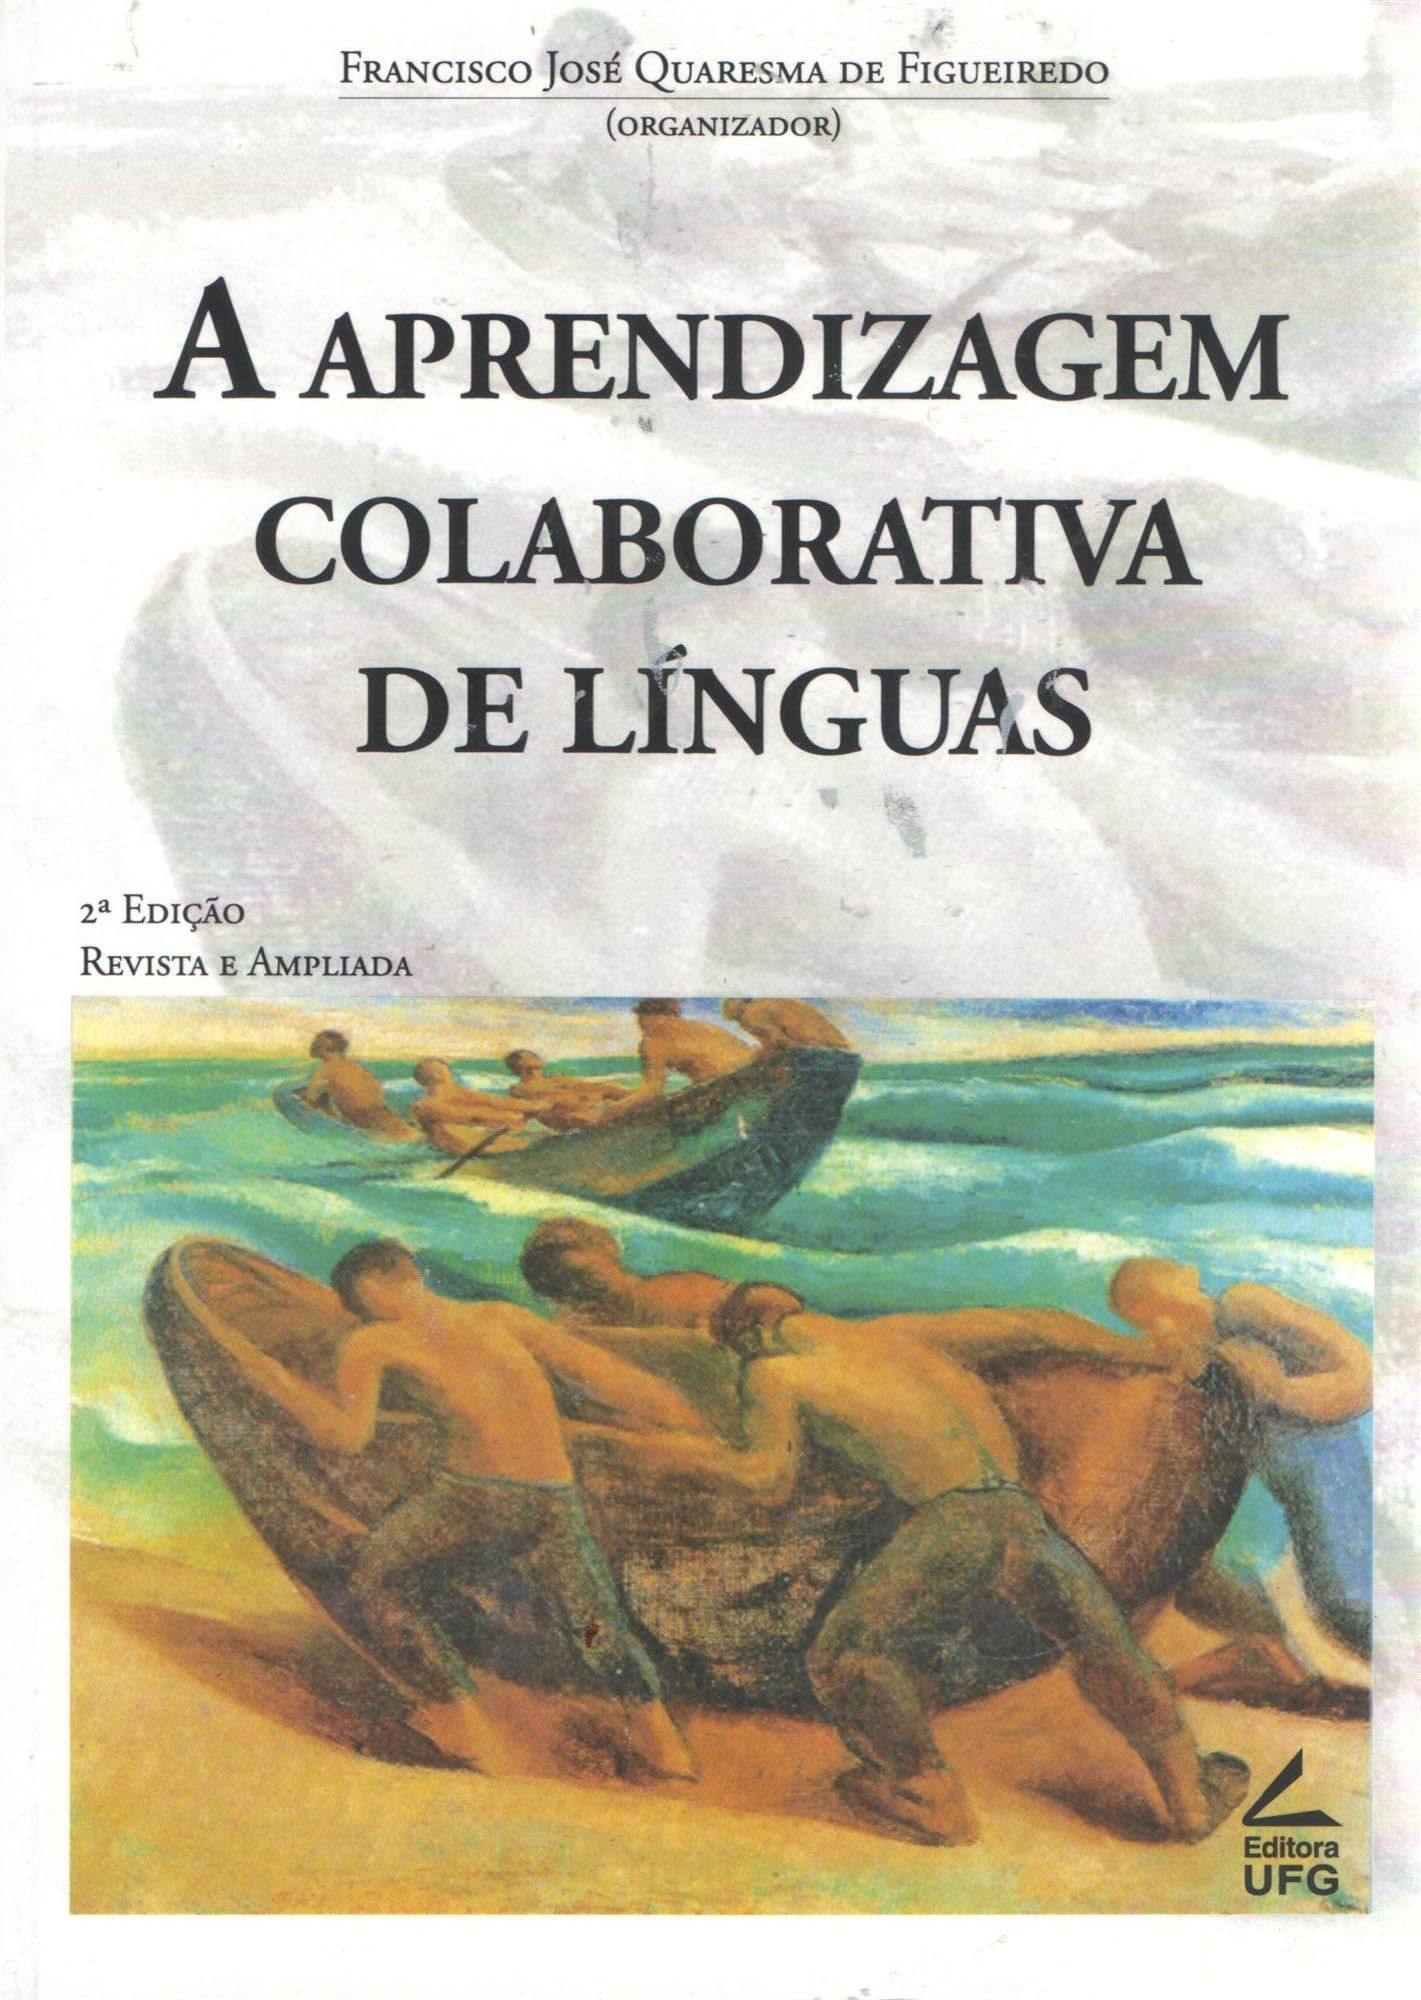 APRENDIZAGEM COLABORATIVA DE LINGUAS, A